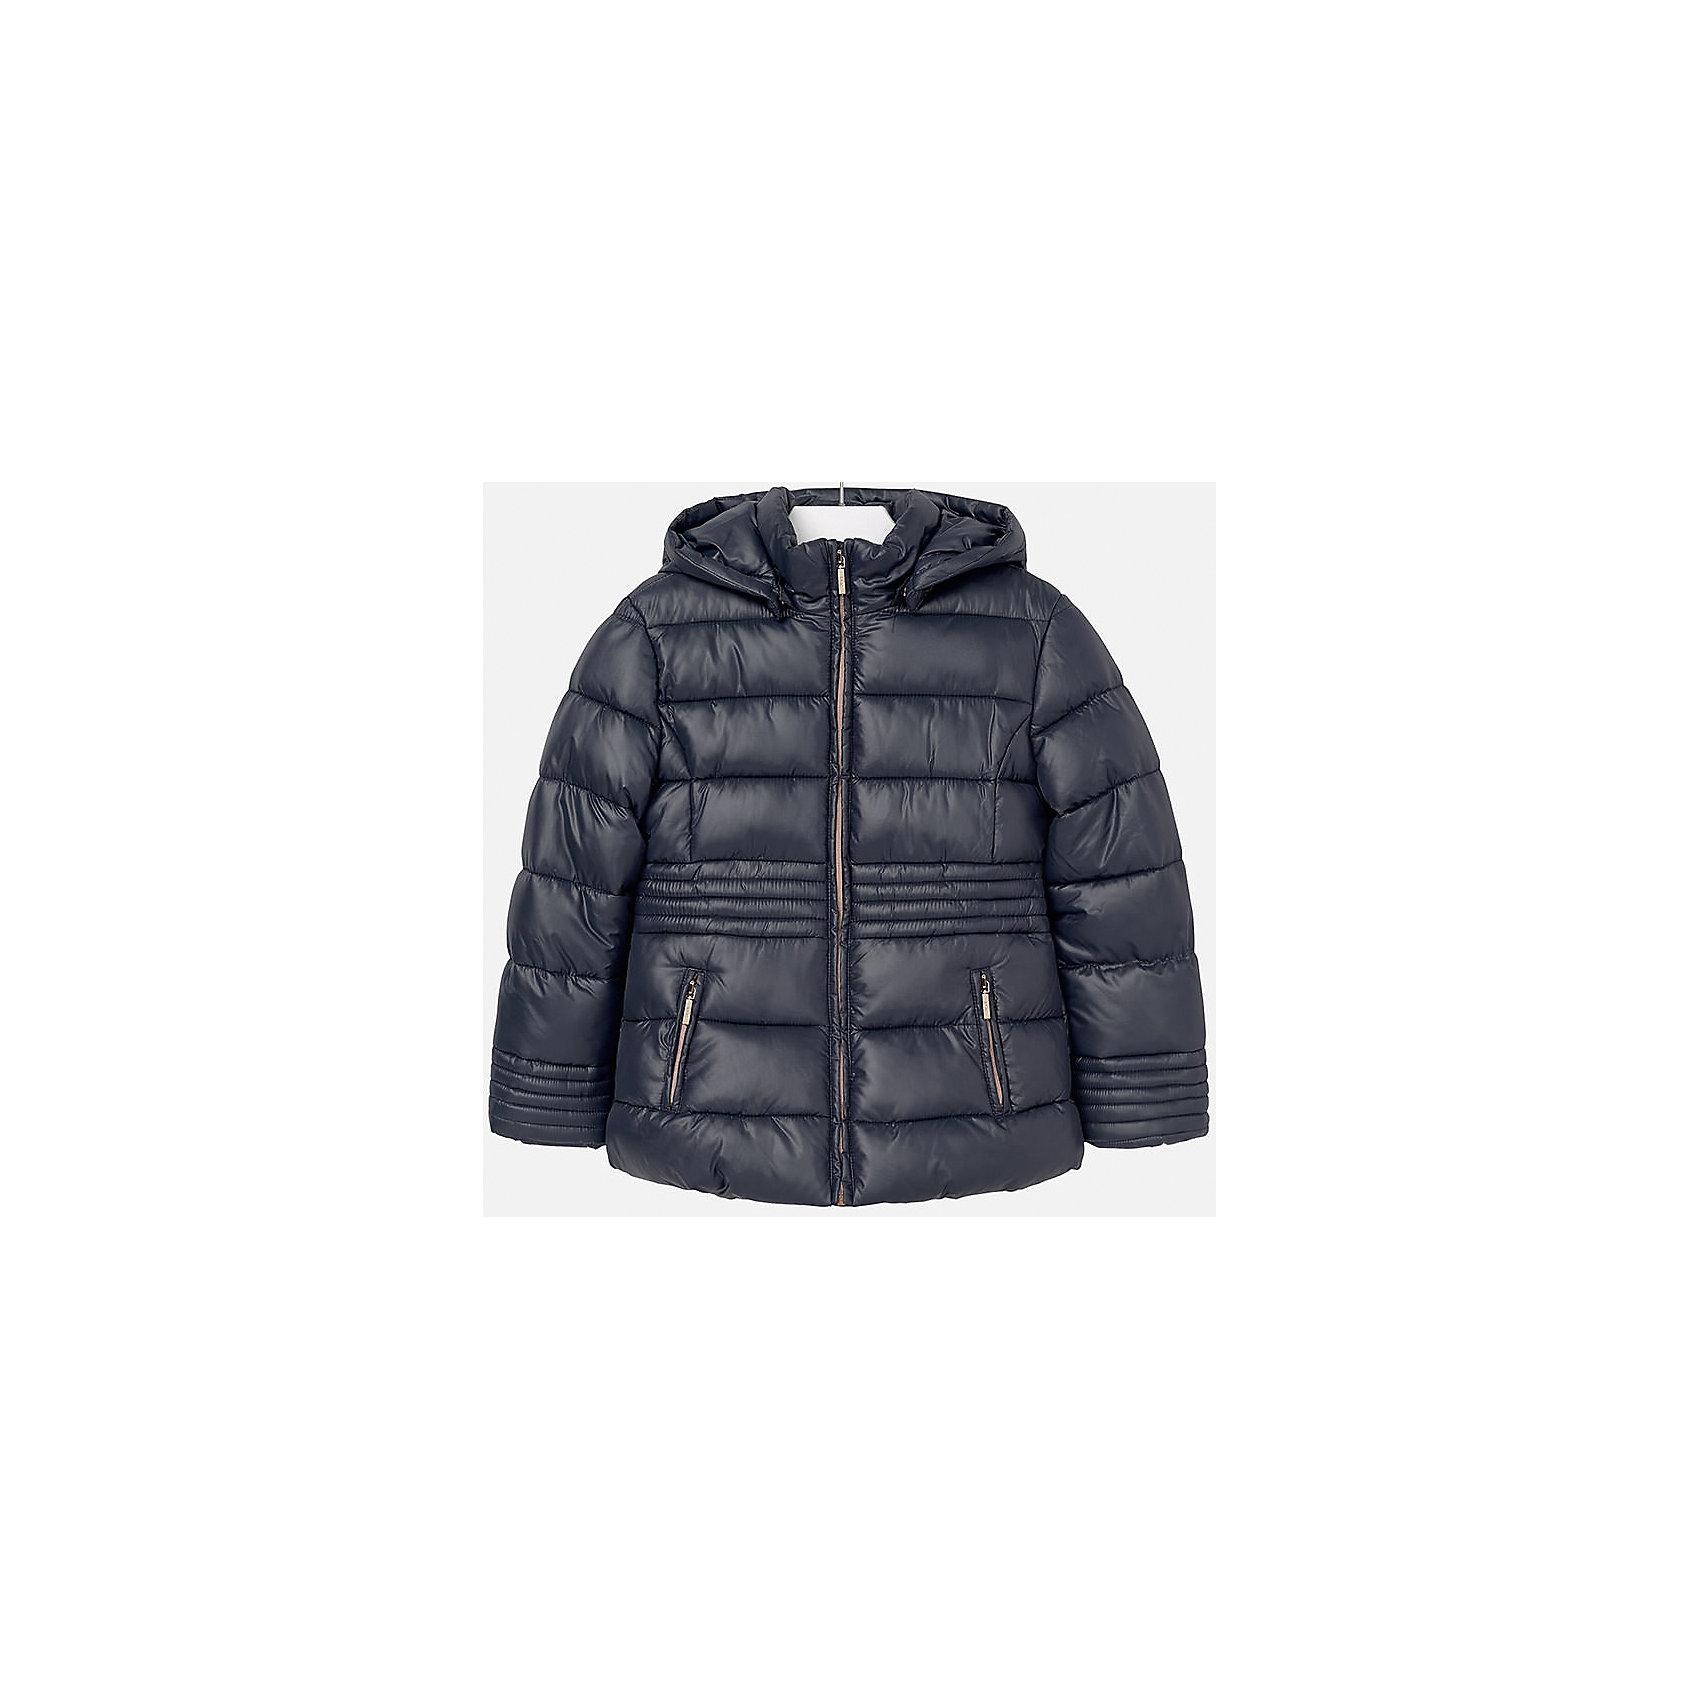 Куртка для девочки MayoralКуртка для девочки Mayoral отлично подойдет для холодной осени. Модель выполнена из высококачественной водоотталкивающей ткани, имеет воротник стойку надежно защищающий шею ребенка от холодного ветра, и отстегивающийся капюшон. Куртка дополнена двумя боковыми карманами на молнии и мягкую подкладку. Нейтральная расцветка позволяет модели сочетаться с любыми вещами в гардеробе. <br><br>Дополнительная информация:<br><br>- Температурный режим: от + 5? до - 5?.<br>- Сезон: демисезонная.<br>- Тип застежки: молния. <br>- Прочная водоотталкивающая ткань.<br>- Капюшон на кнопках (отстёгивается).<br>- Воротник-стойка. <br>- 2 боковых кармана на молнии. <br>Состав: <br>верх - 100% полиэстер; подкладка - 100% полиэстер; наполнитель - 100% полиэстер.<br><br>Куртка для девочки Mayoral (Майорал), темно-синюю, можно купить в нашем магазине.<br><br>Ширина мм: 356<br>Глубина мм: 10<br>Высота мм: 245<br>Вес г: 519<br>Цвет: синий<br>Возраст от месяцев: 144<br>Возраст до месяцев: 156<br>Пол: Женский<br>Возраст: Детский<br>Размер: 152/158,146/152,164/170,158/164,134/140,128/134<br>SKU: 4845943